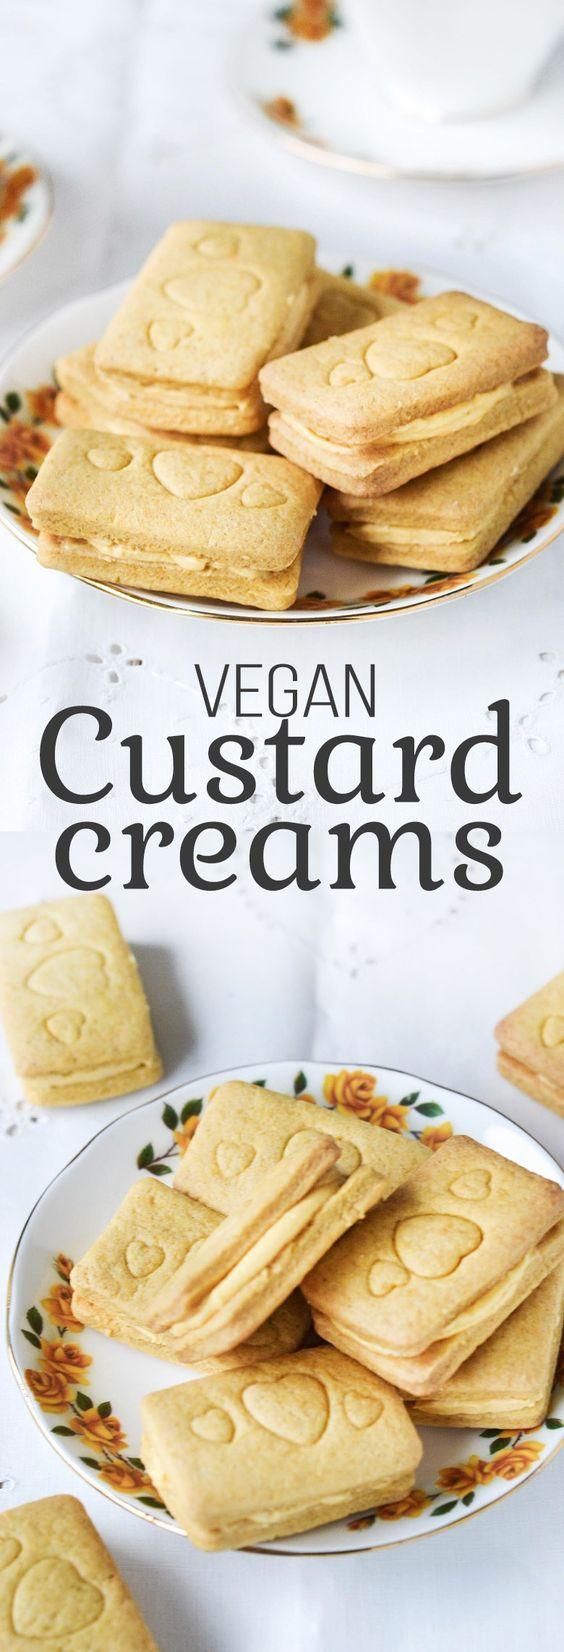 Vegan Custard Creams